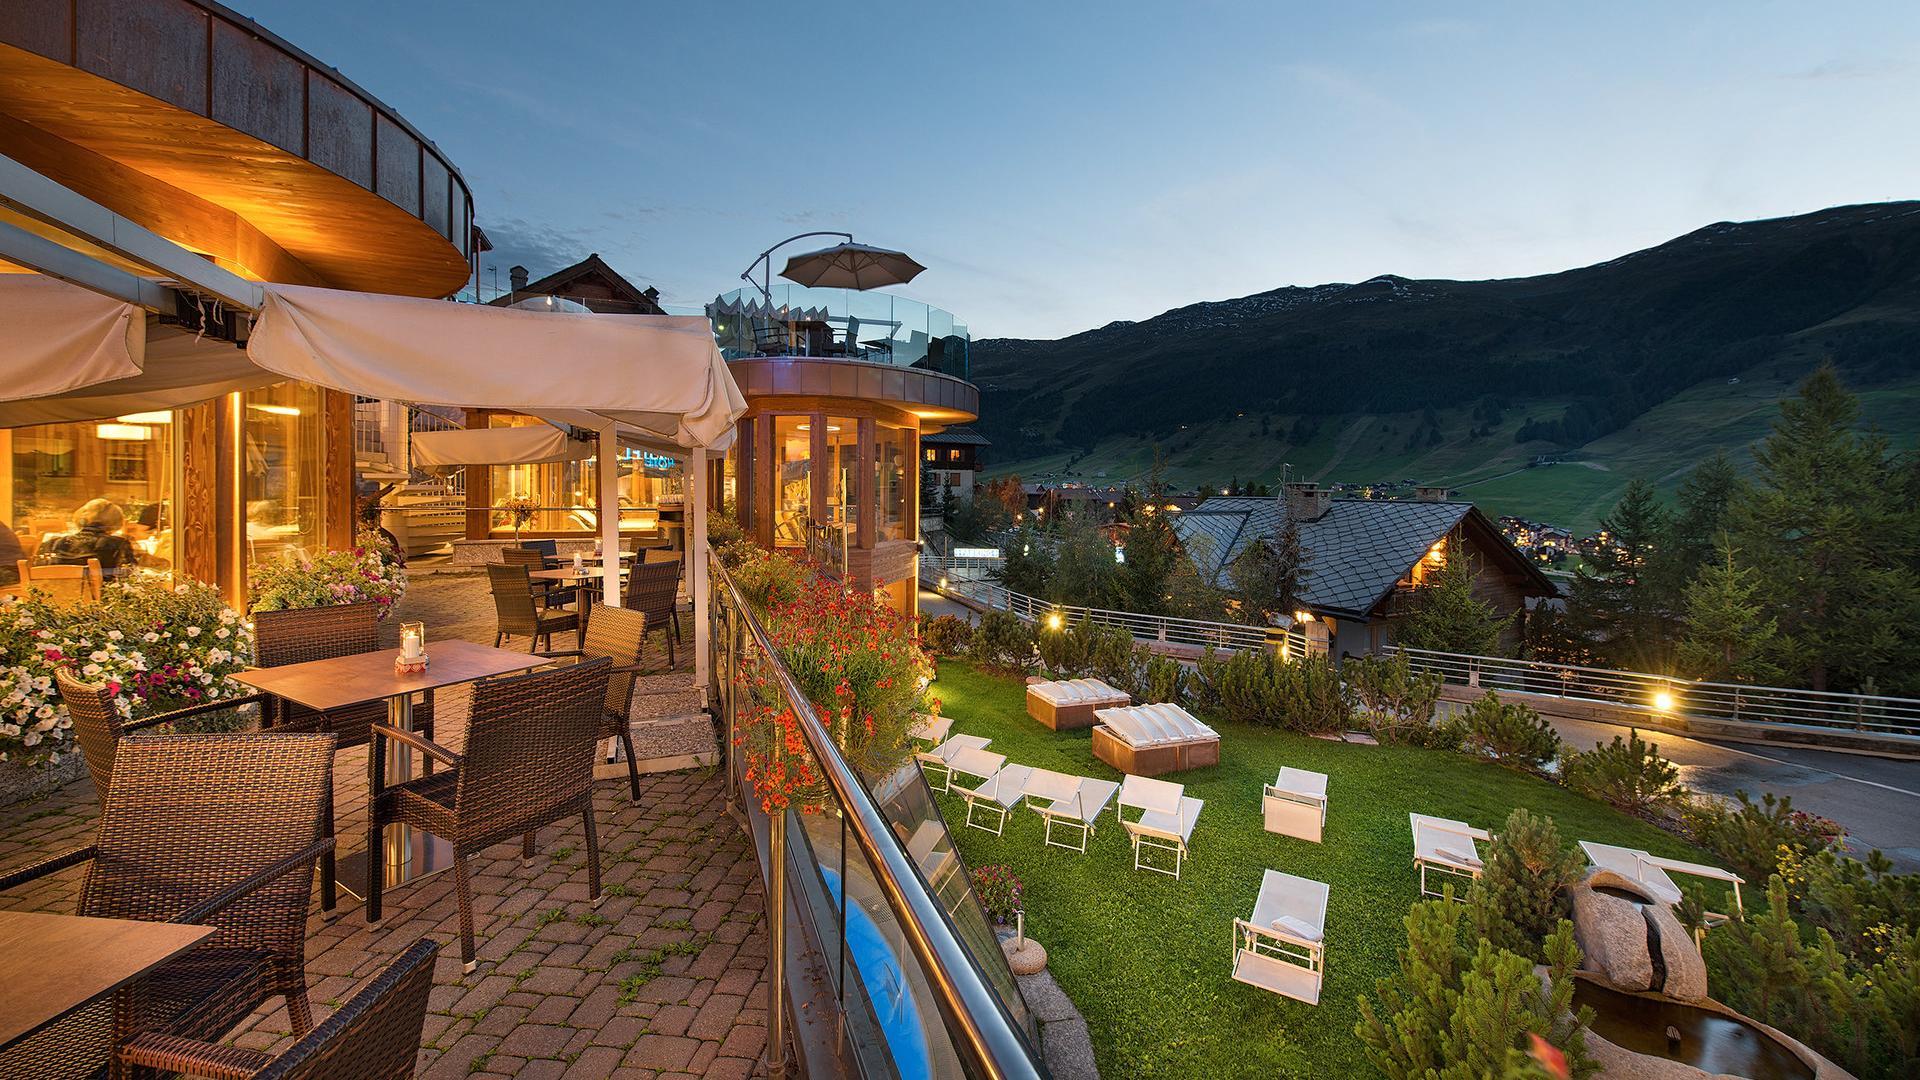 Livigno vista dall'Hotel Baita Montana